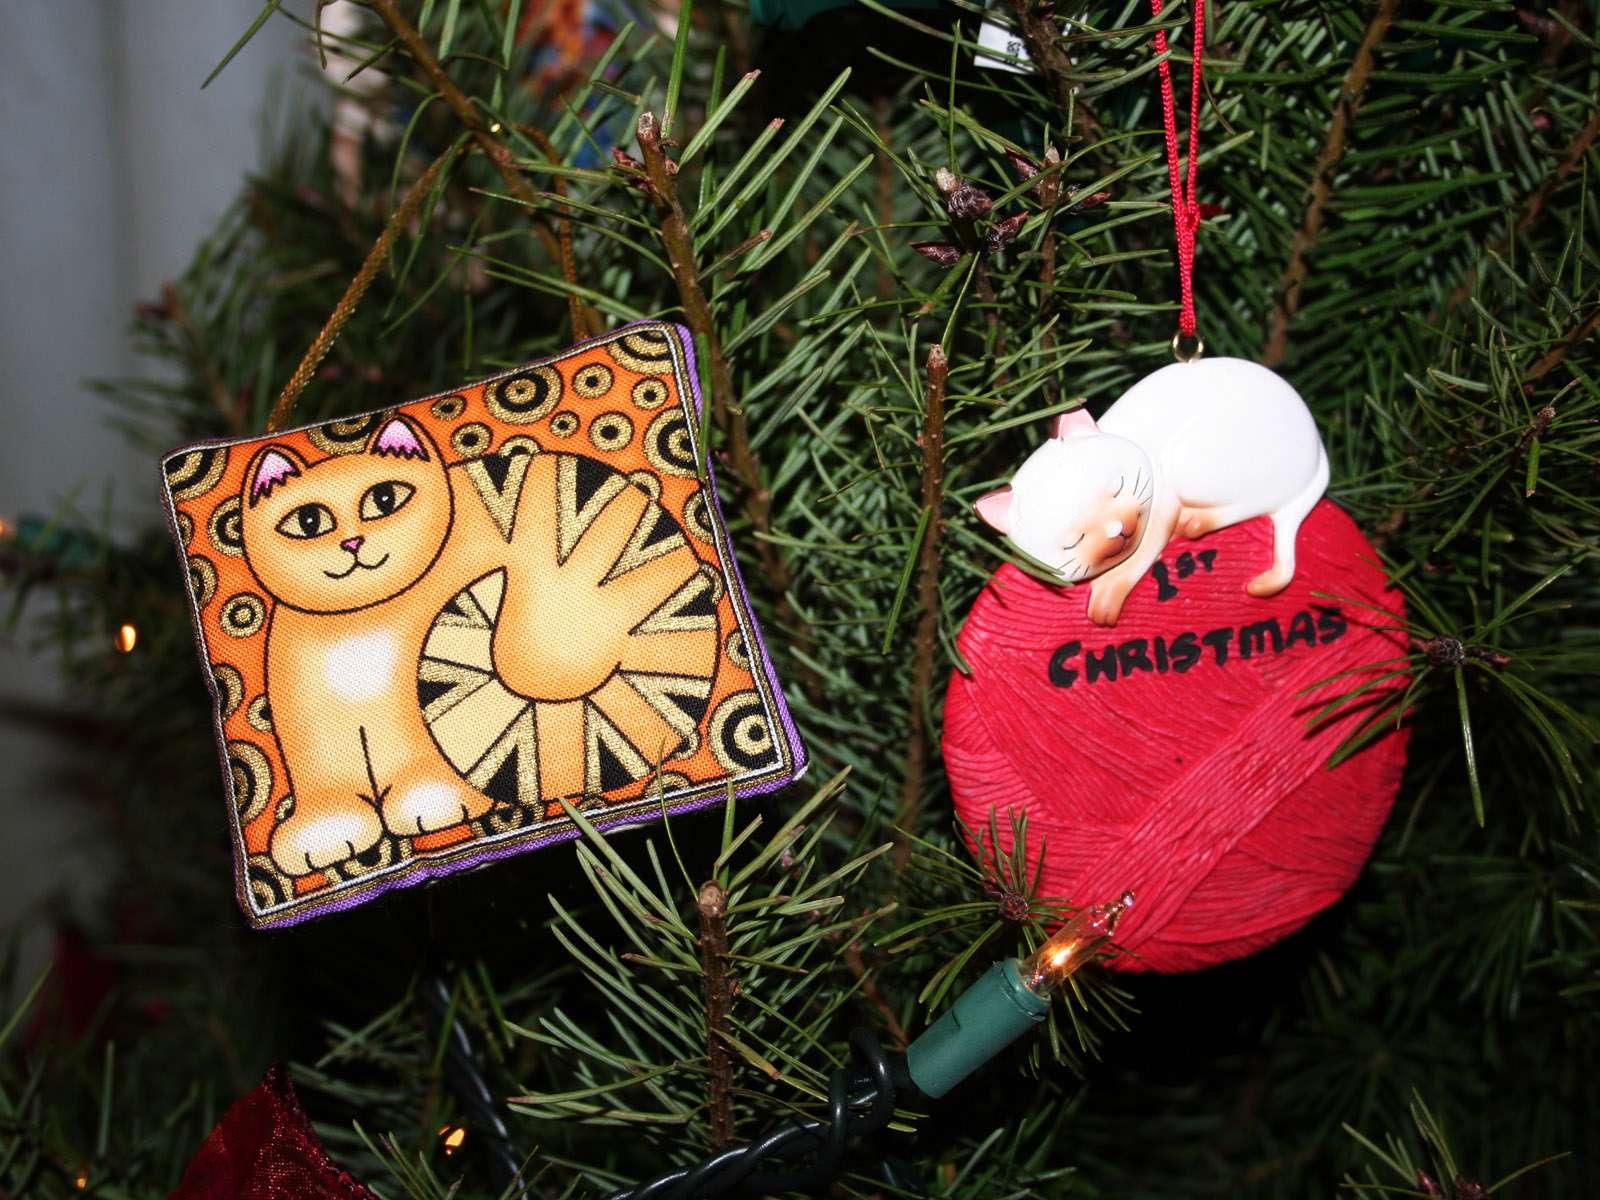 نقاشی کودکانه از درخت کریسمس گنجینه تصاویر تبيان